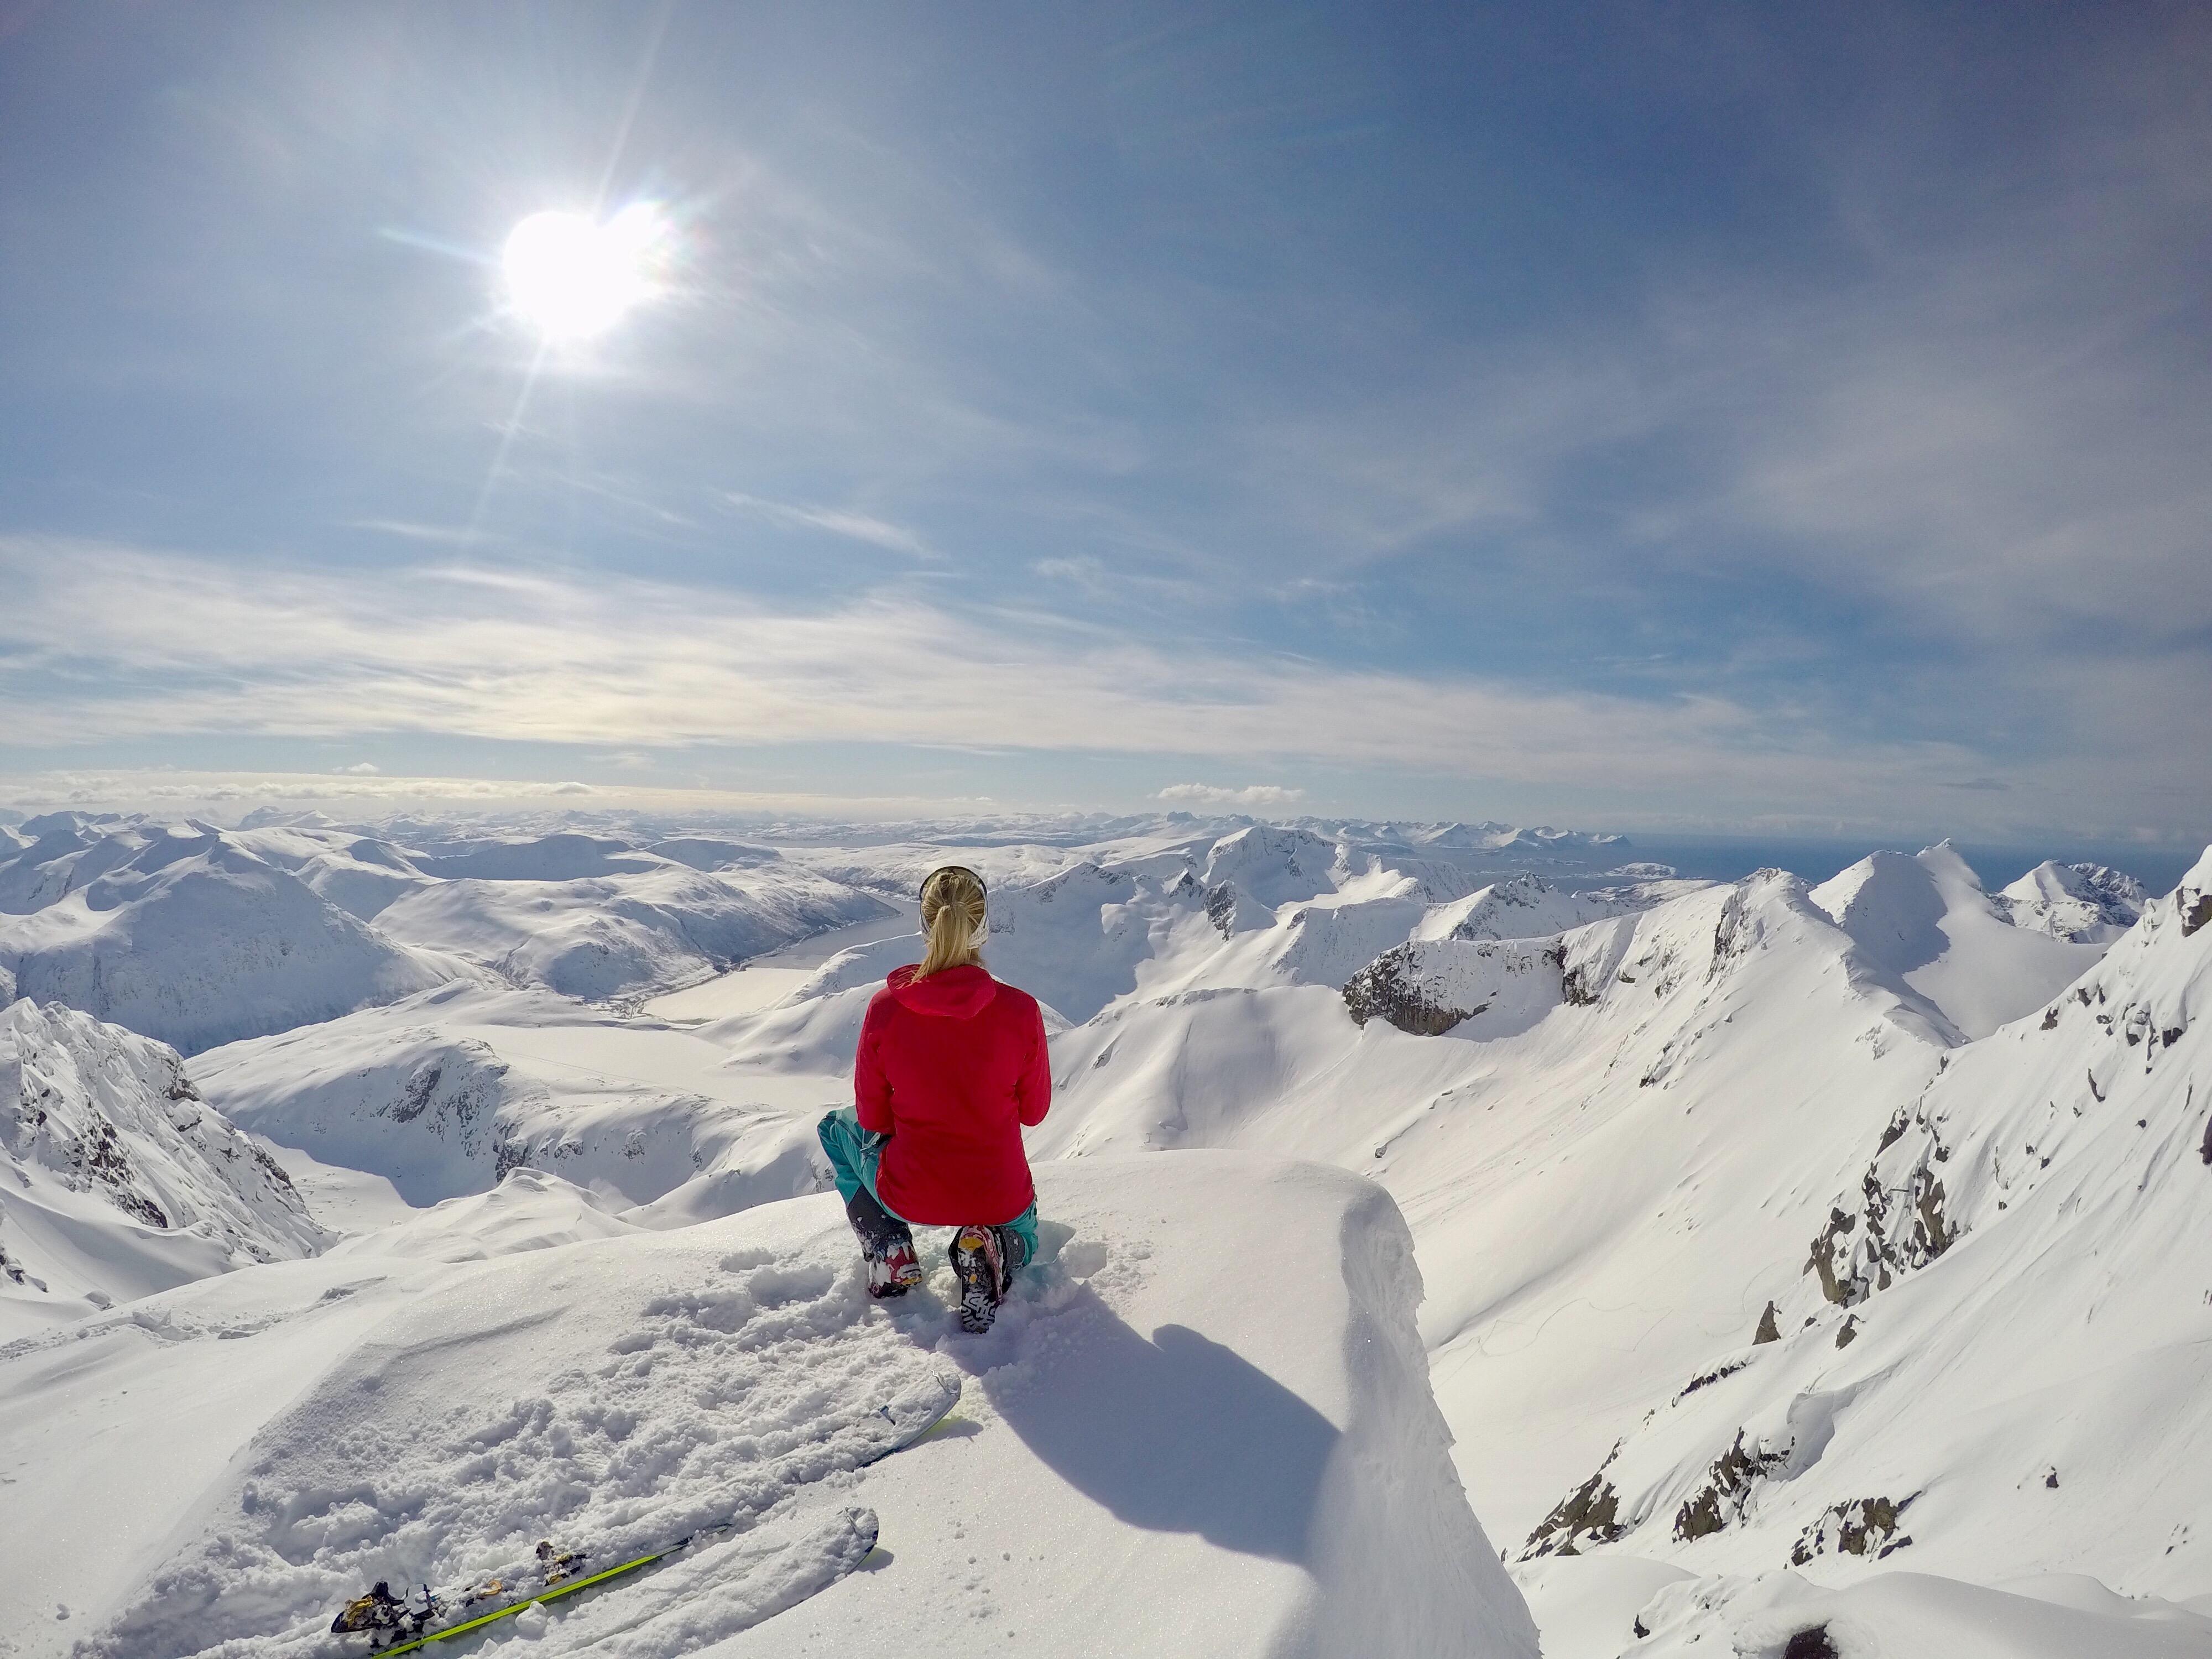 Pudderpiken Arctic Adventures